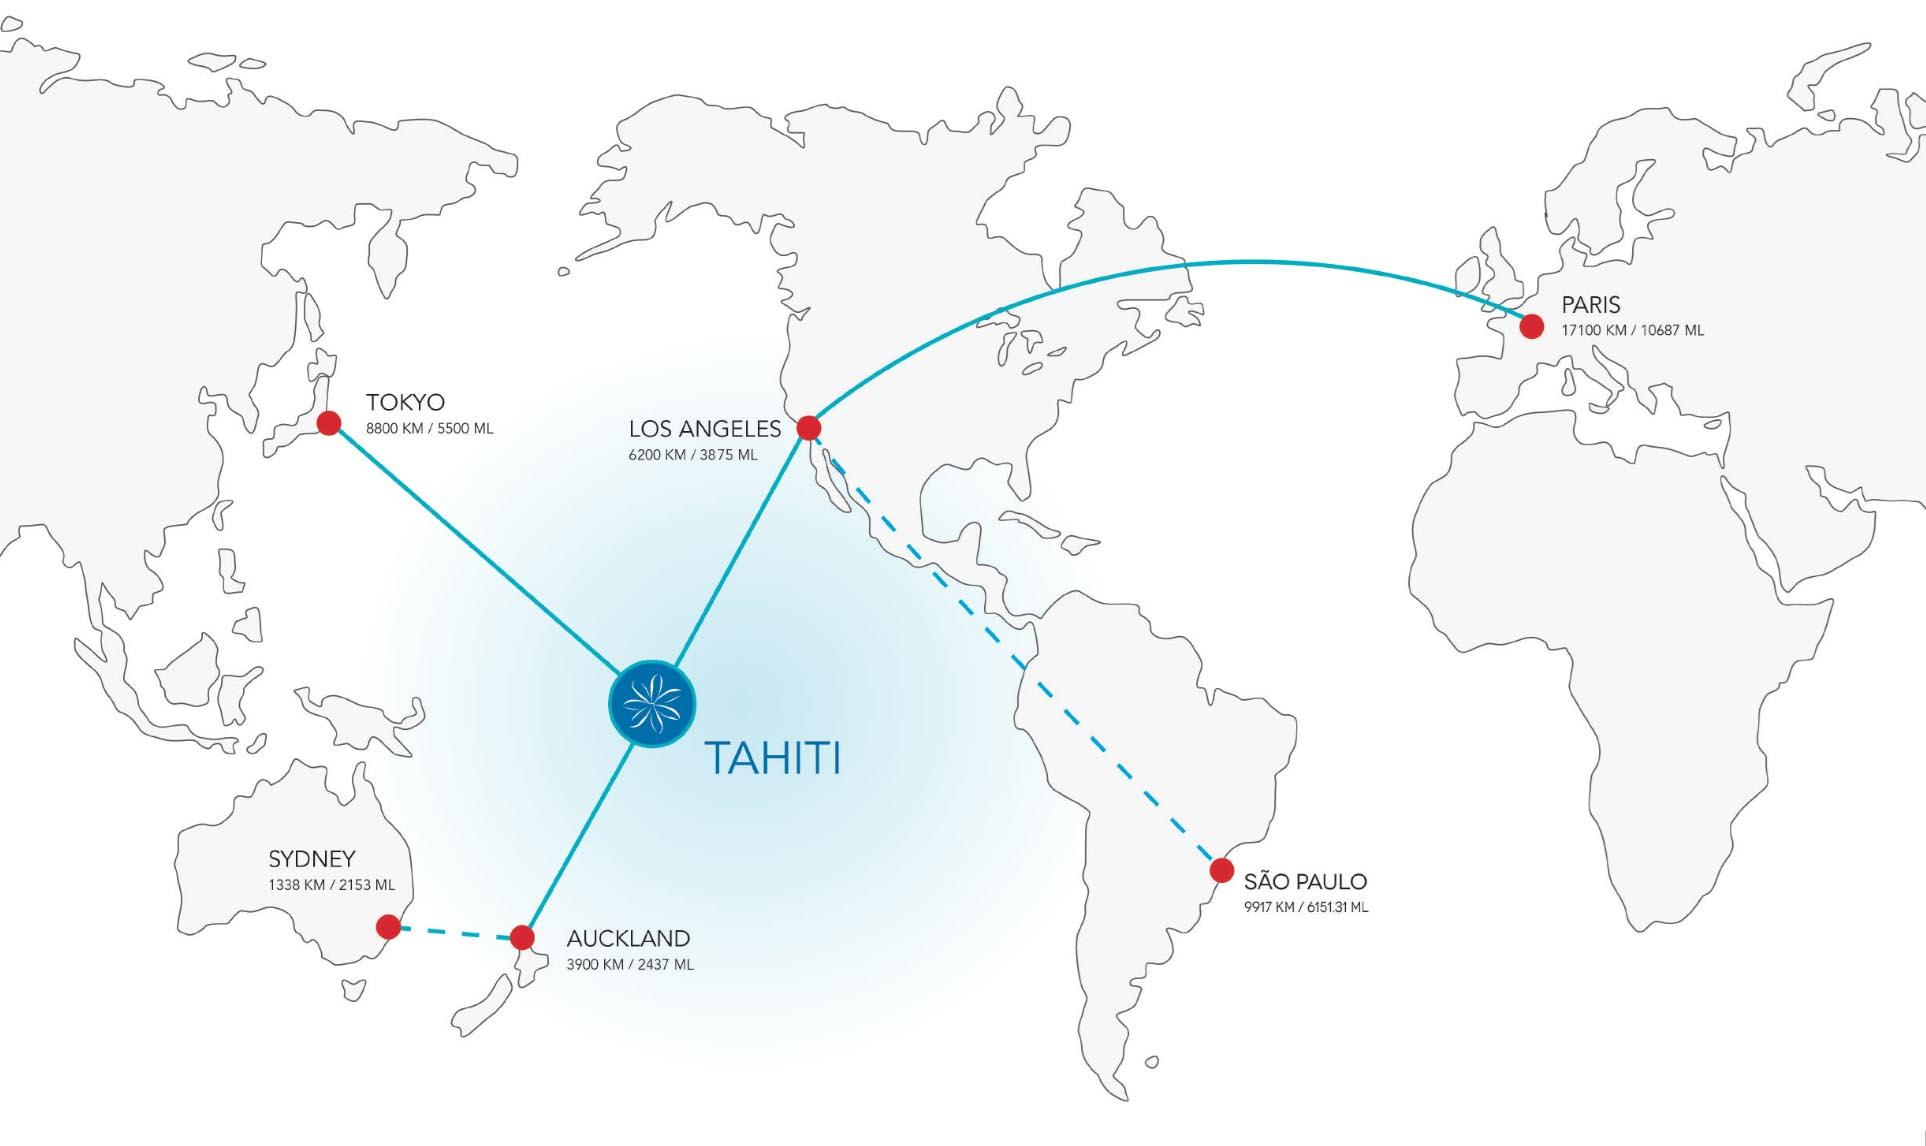 Destinos operados pela Air Tahiti Nui